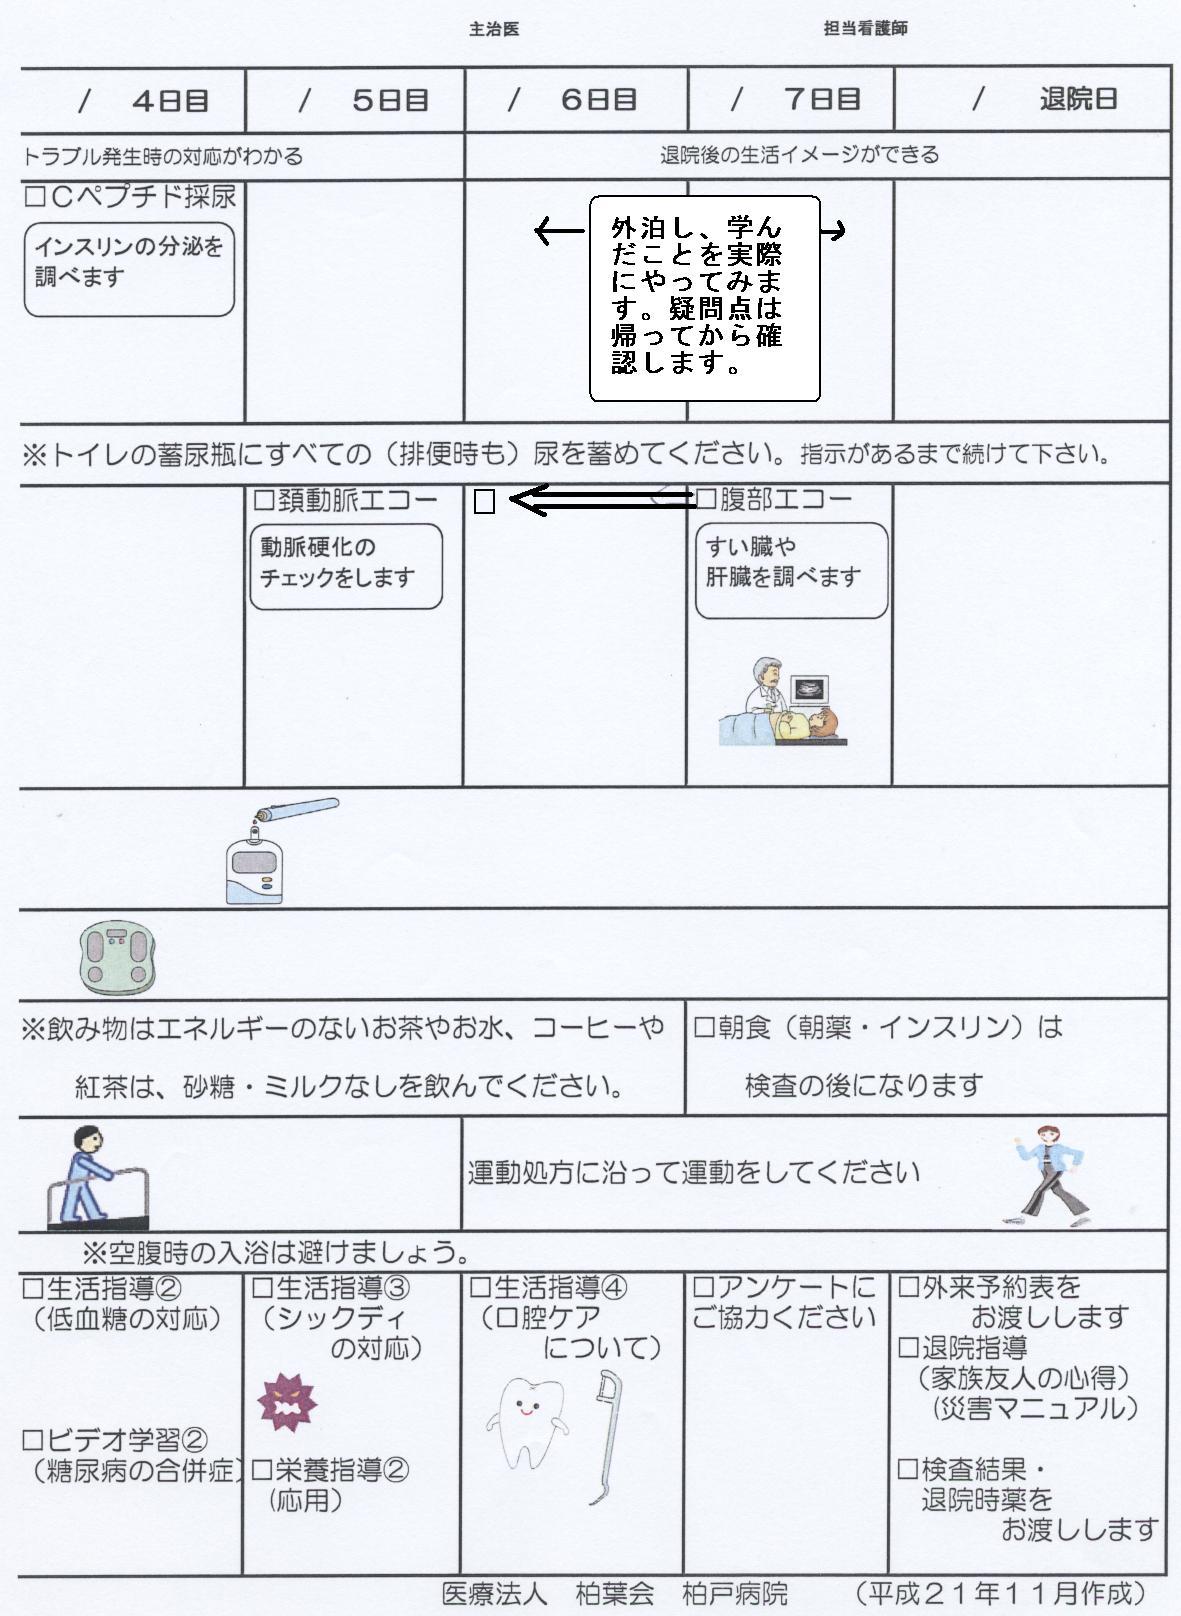 糖尿病学習入院用資料2